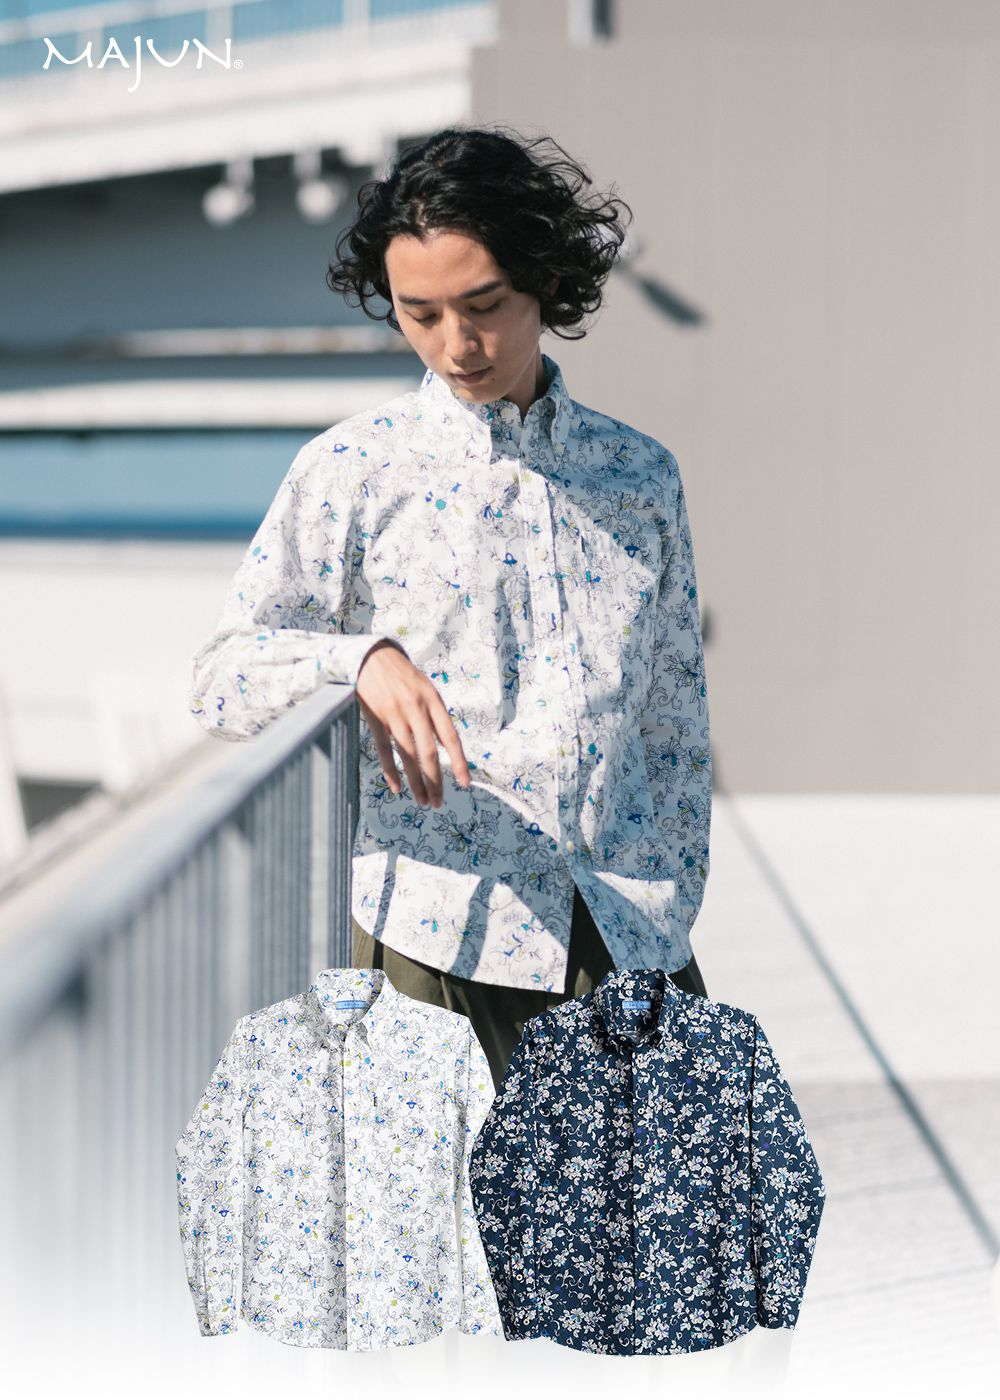 かりゆしウェア(沖縄版アロハシャツ) MAJUN - クラシカルリングL/S